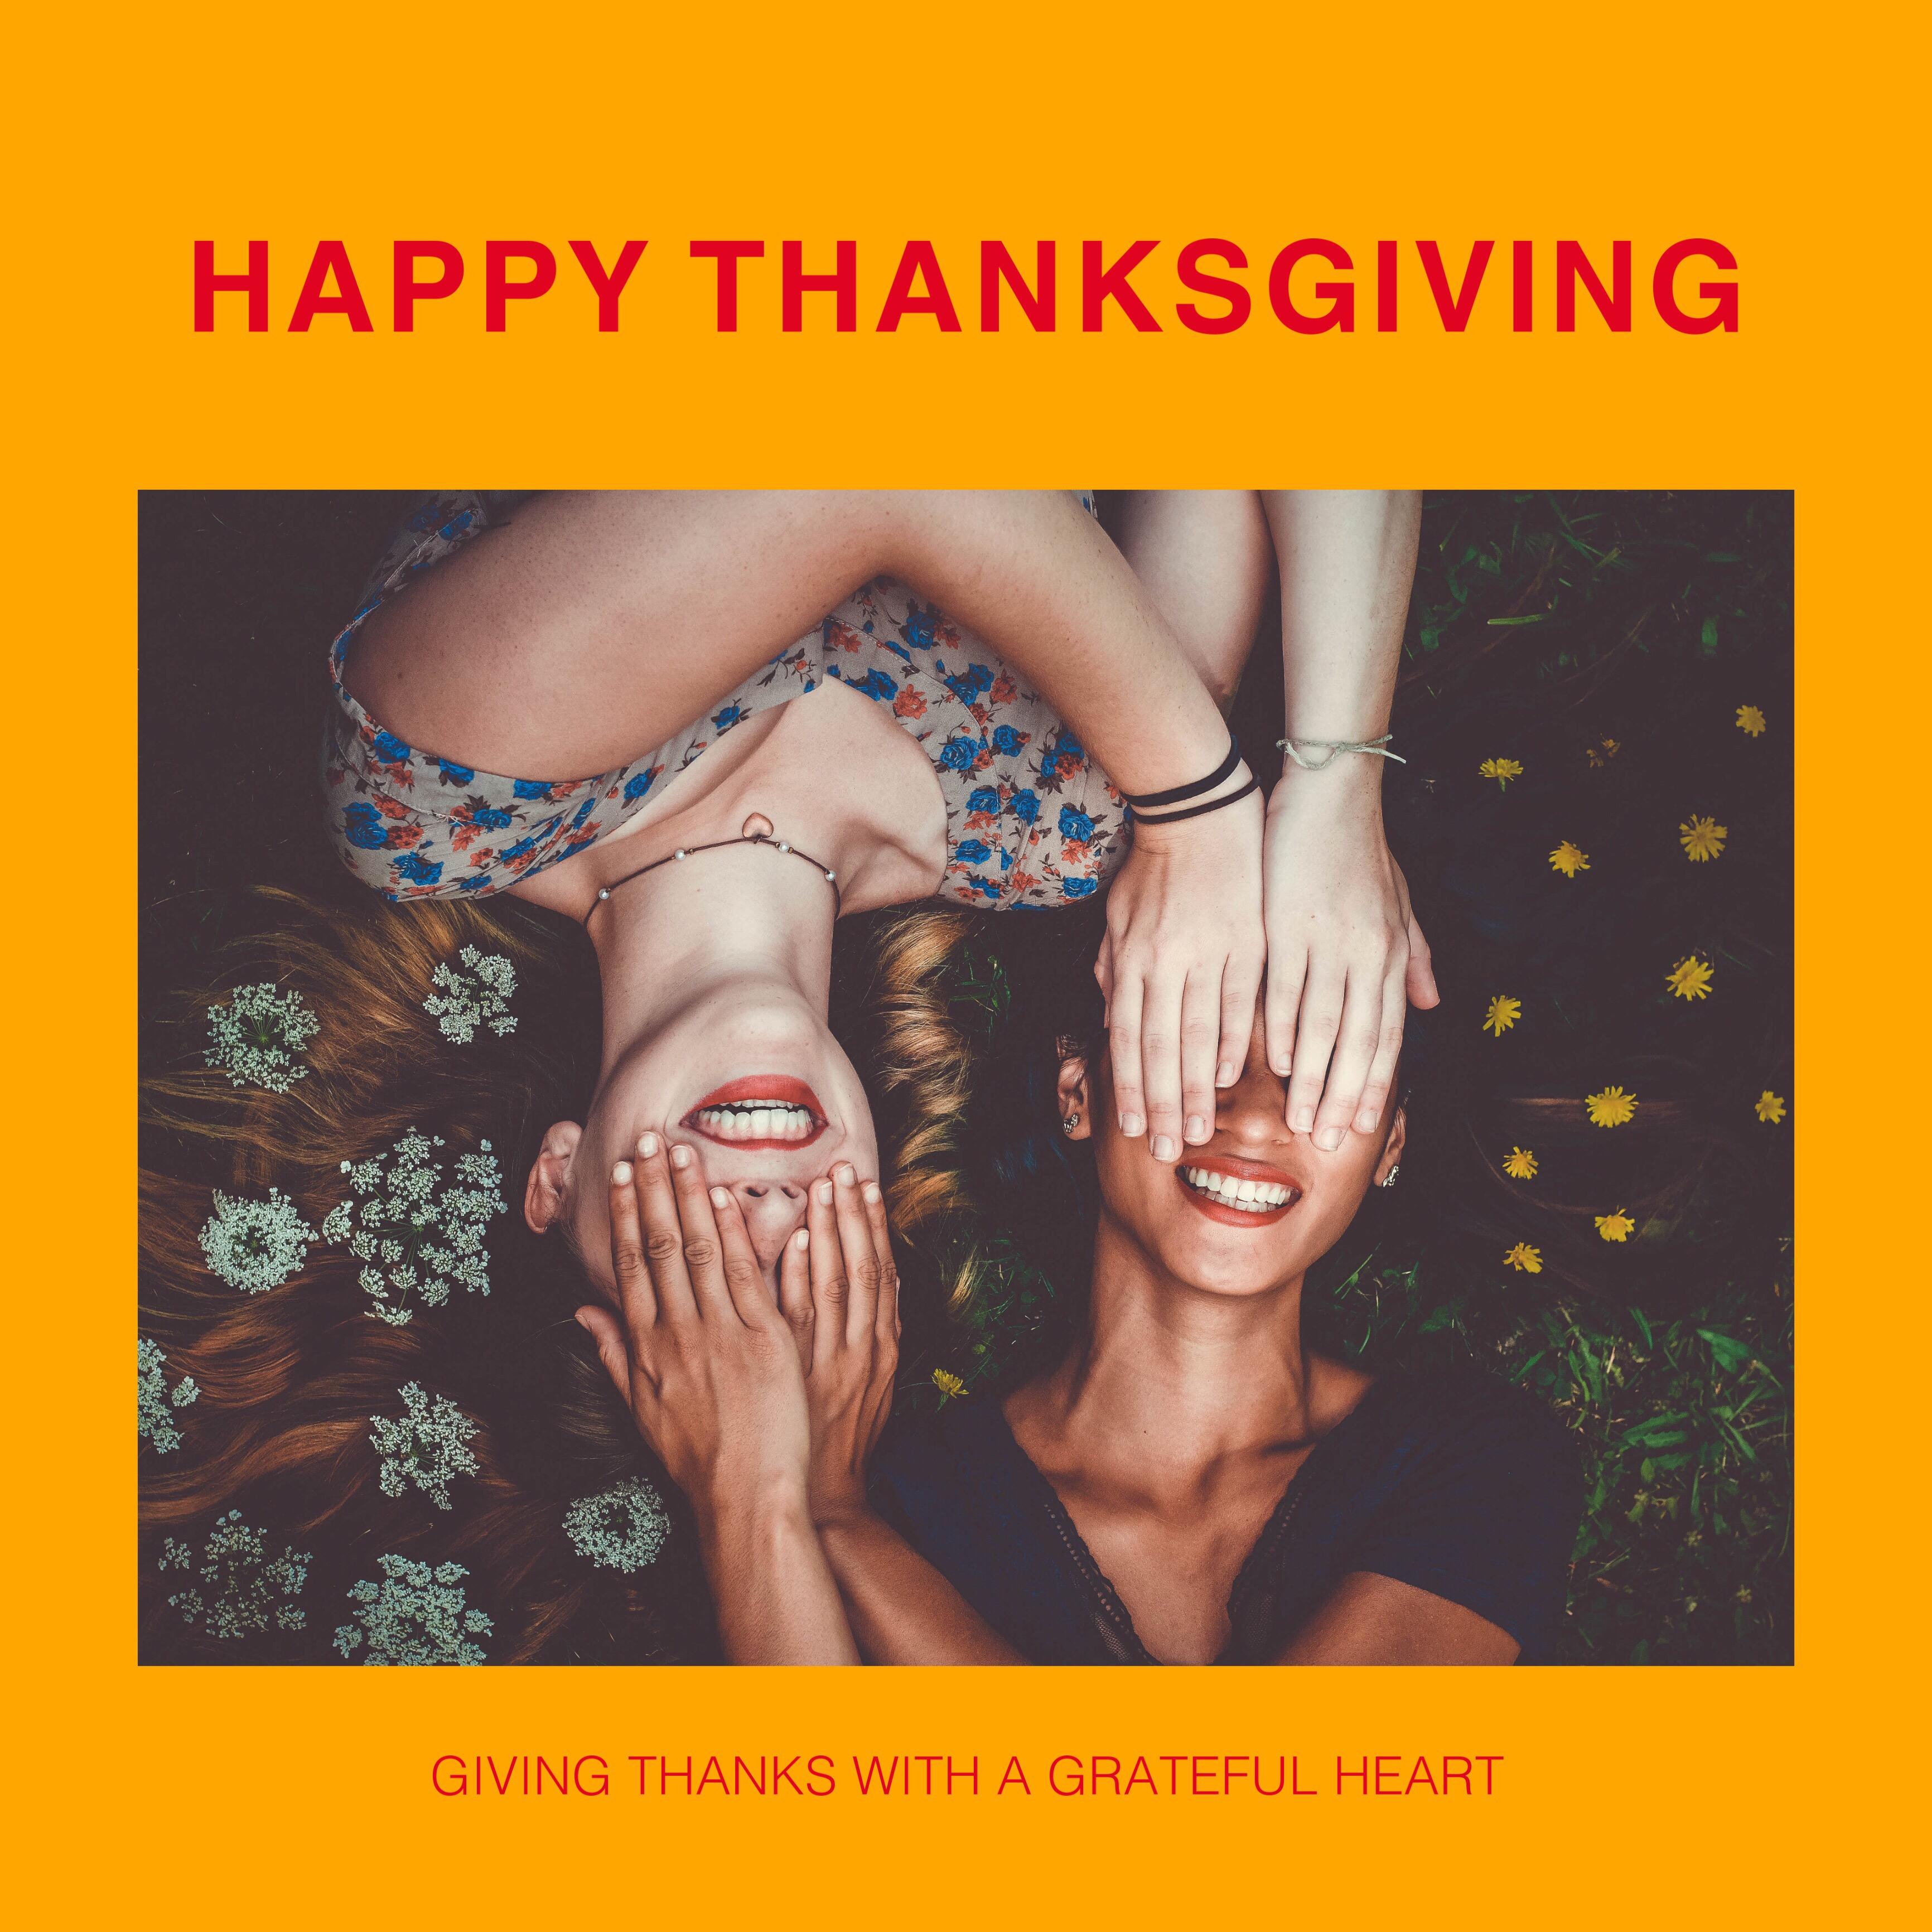 #freetoedit #freetoedit #thanksgiving #happythanksgiving #givethanks #thanksgivingday #thanksgivingframes